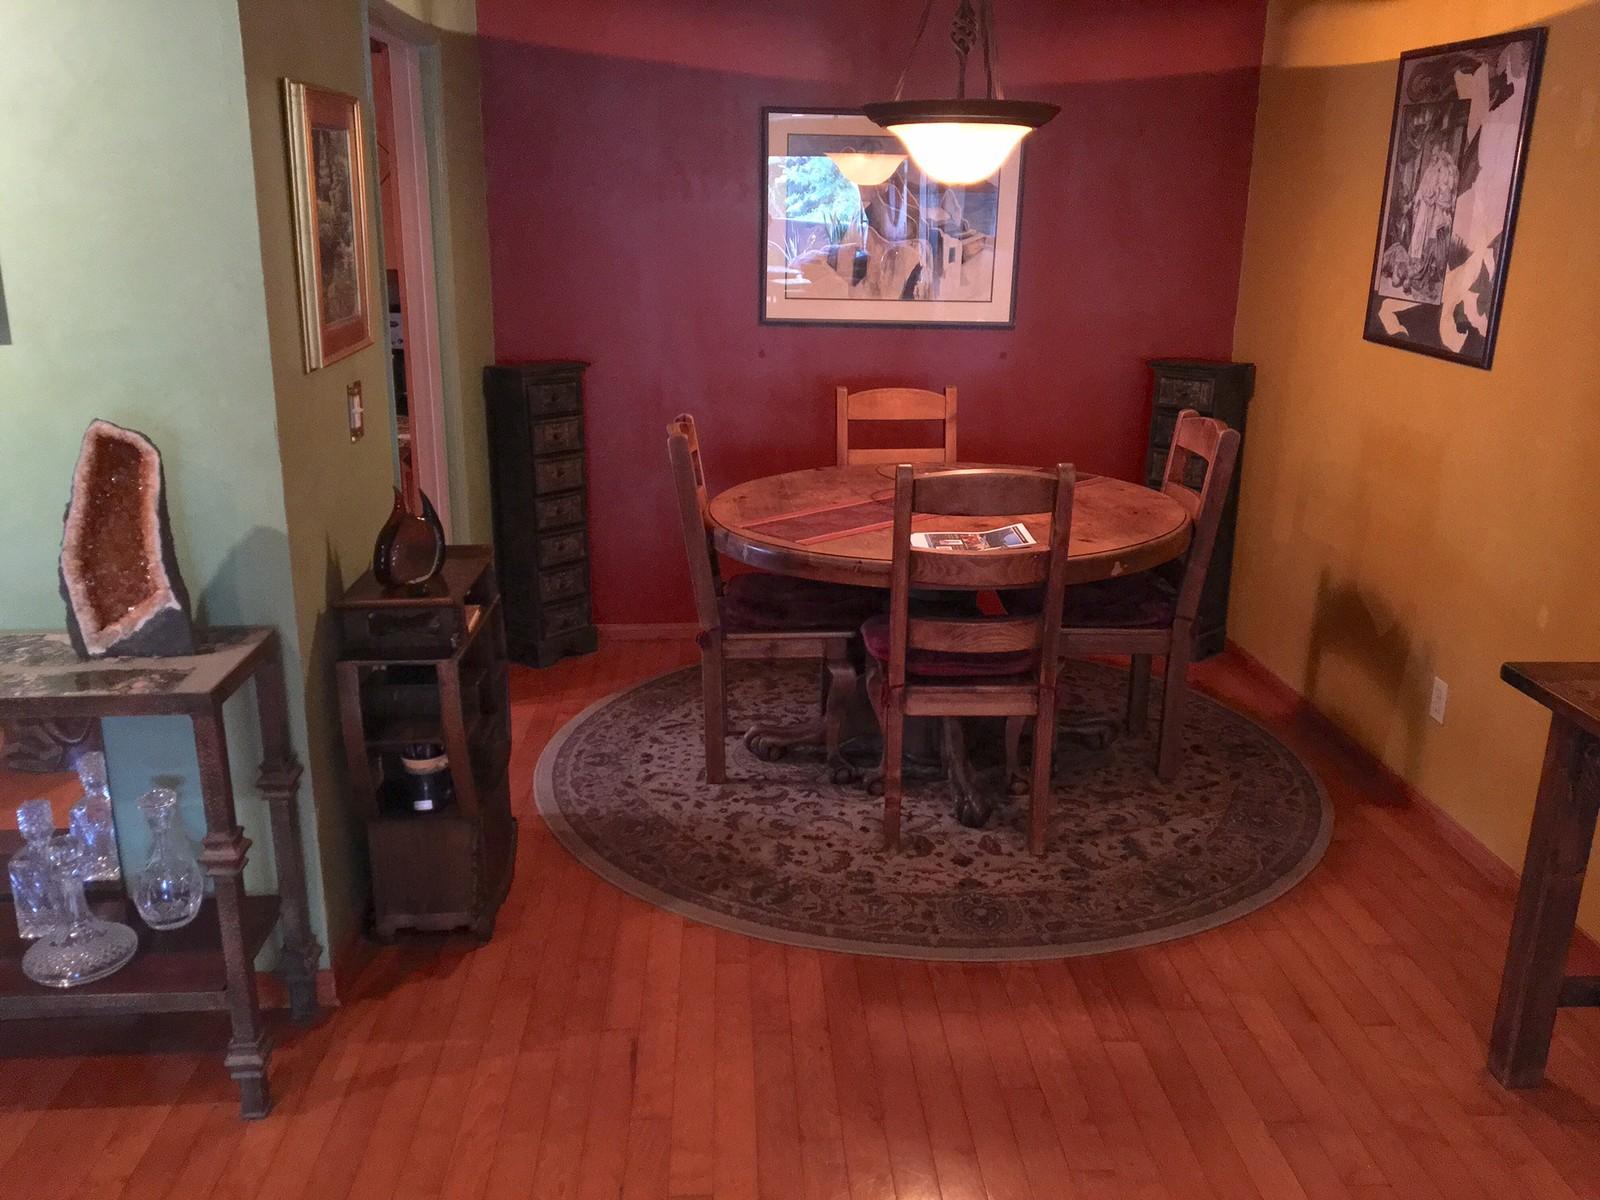 Кооперативная квартира для того Продажа на 1940 North Highland Avenue #44 1940 North Highland Avenue #44 Los Angeles, Калифорния, 90068 Соединенные Штаты